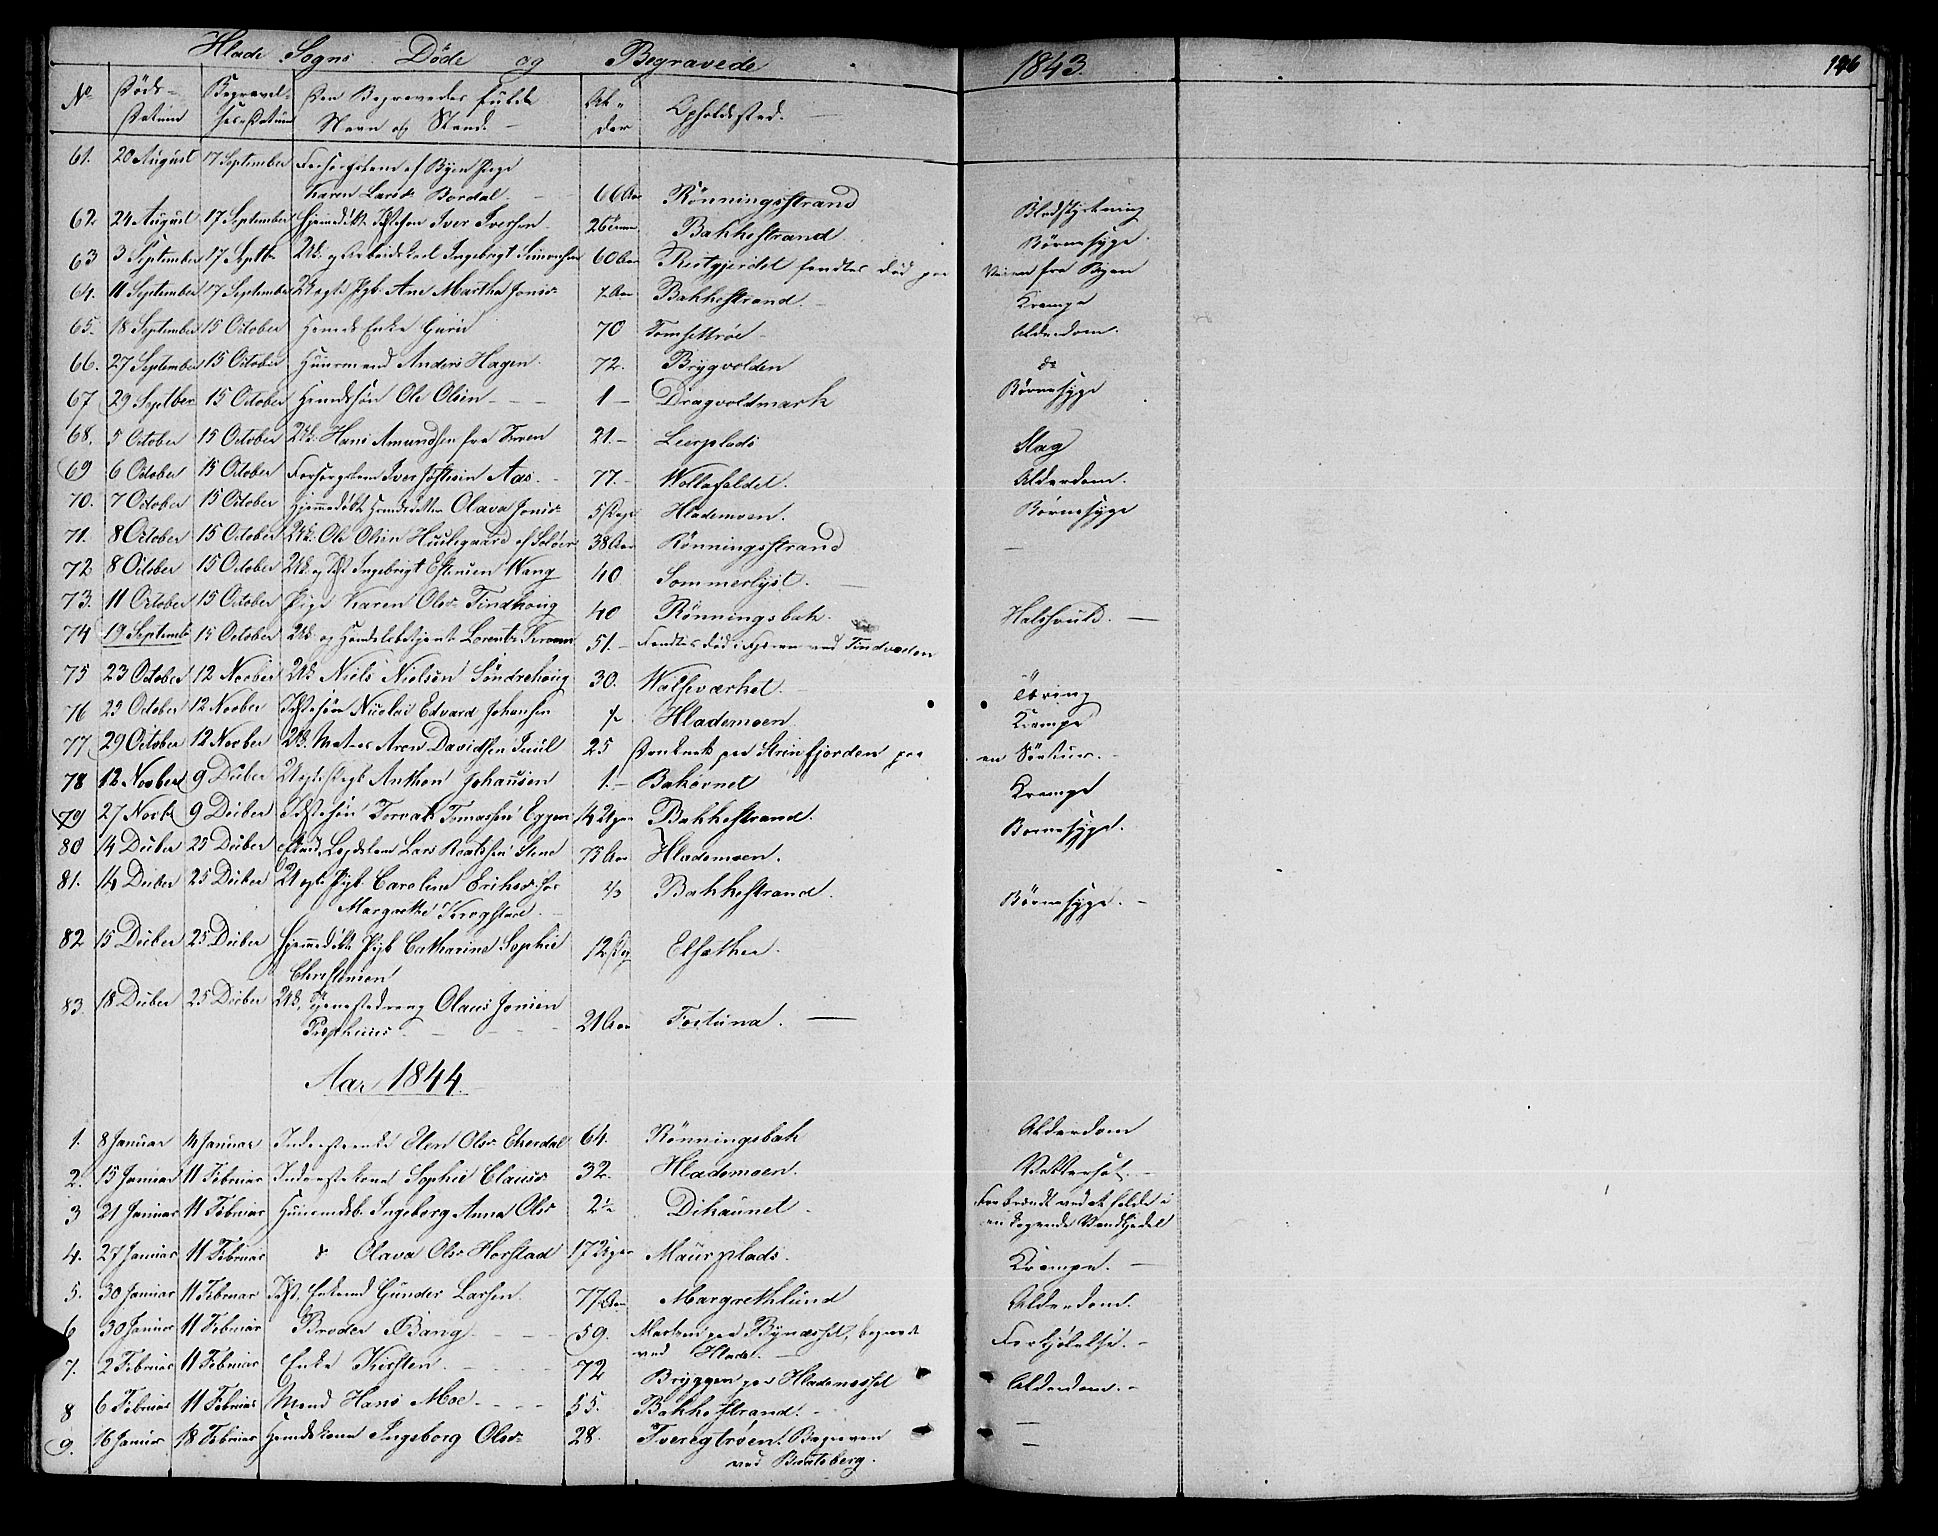 SAT, Ministerialprotokoller, klokkerbøker og fødselsregistre - Sør-Trøndelag, 606/L0309: Klokkerbok nr. 606C05, 1841-1849, s. 146